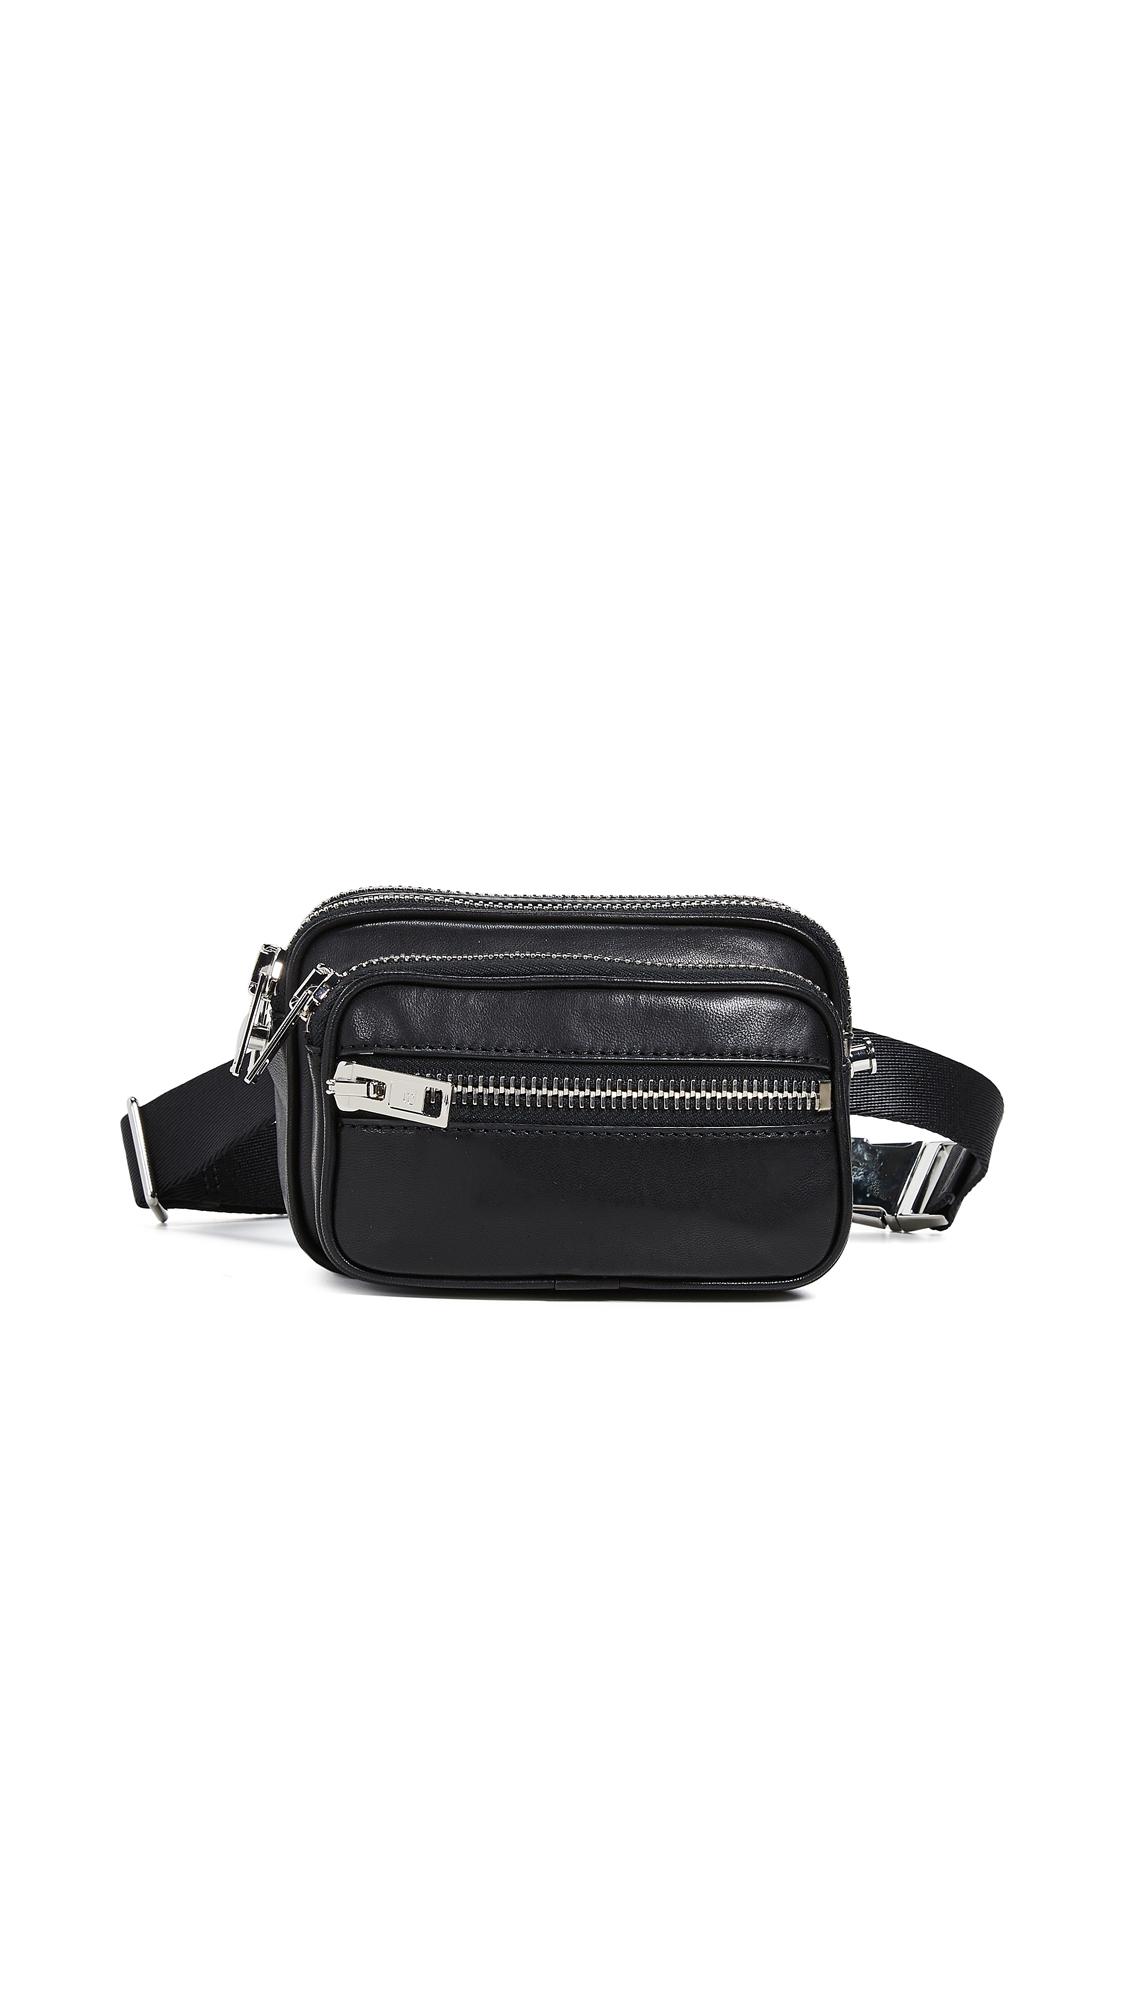 Attica Soft Belt Bag in Black